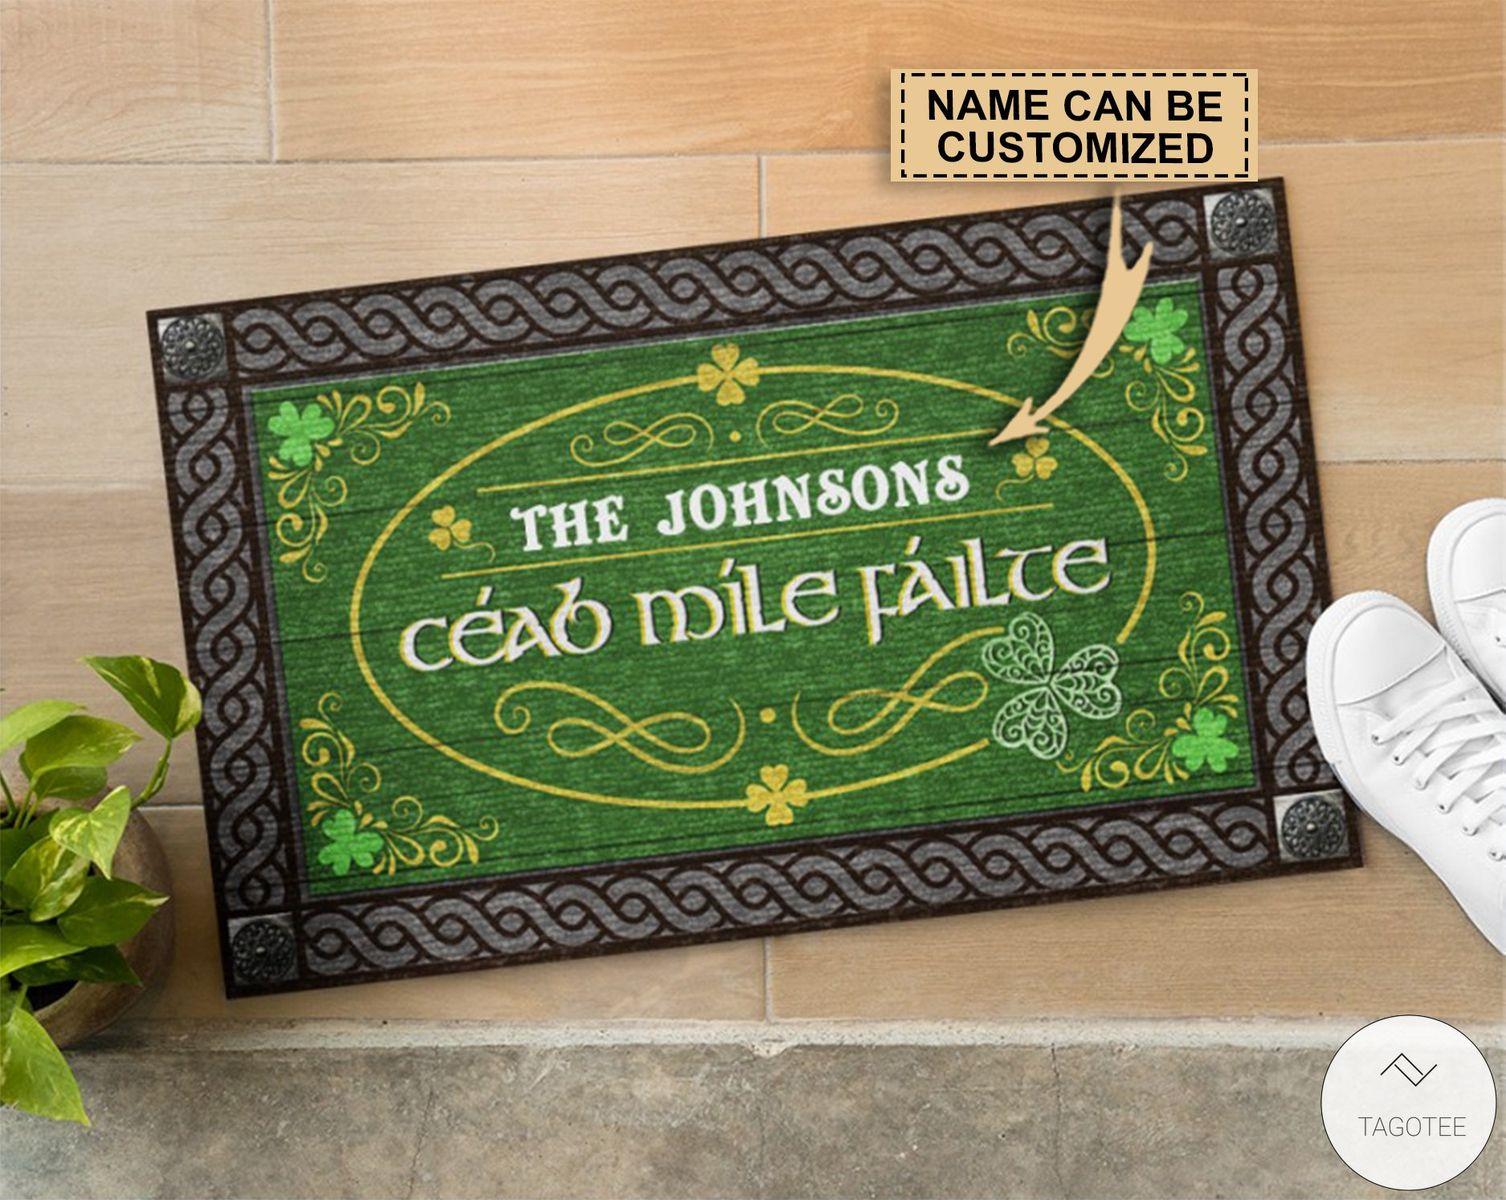 Personalized Irish Céad míle fáilte Doormatc